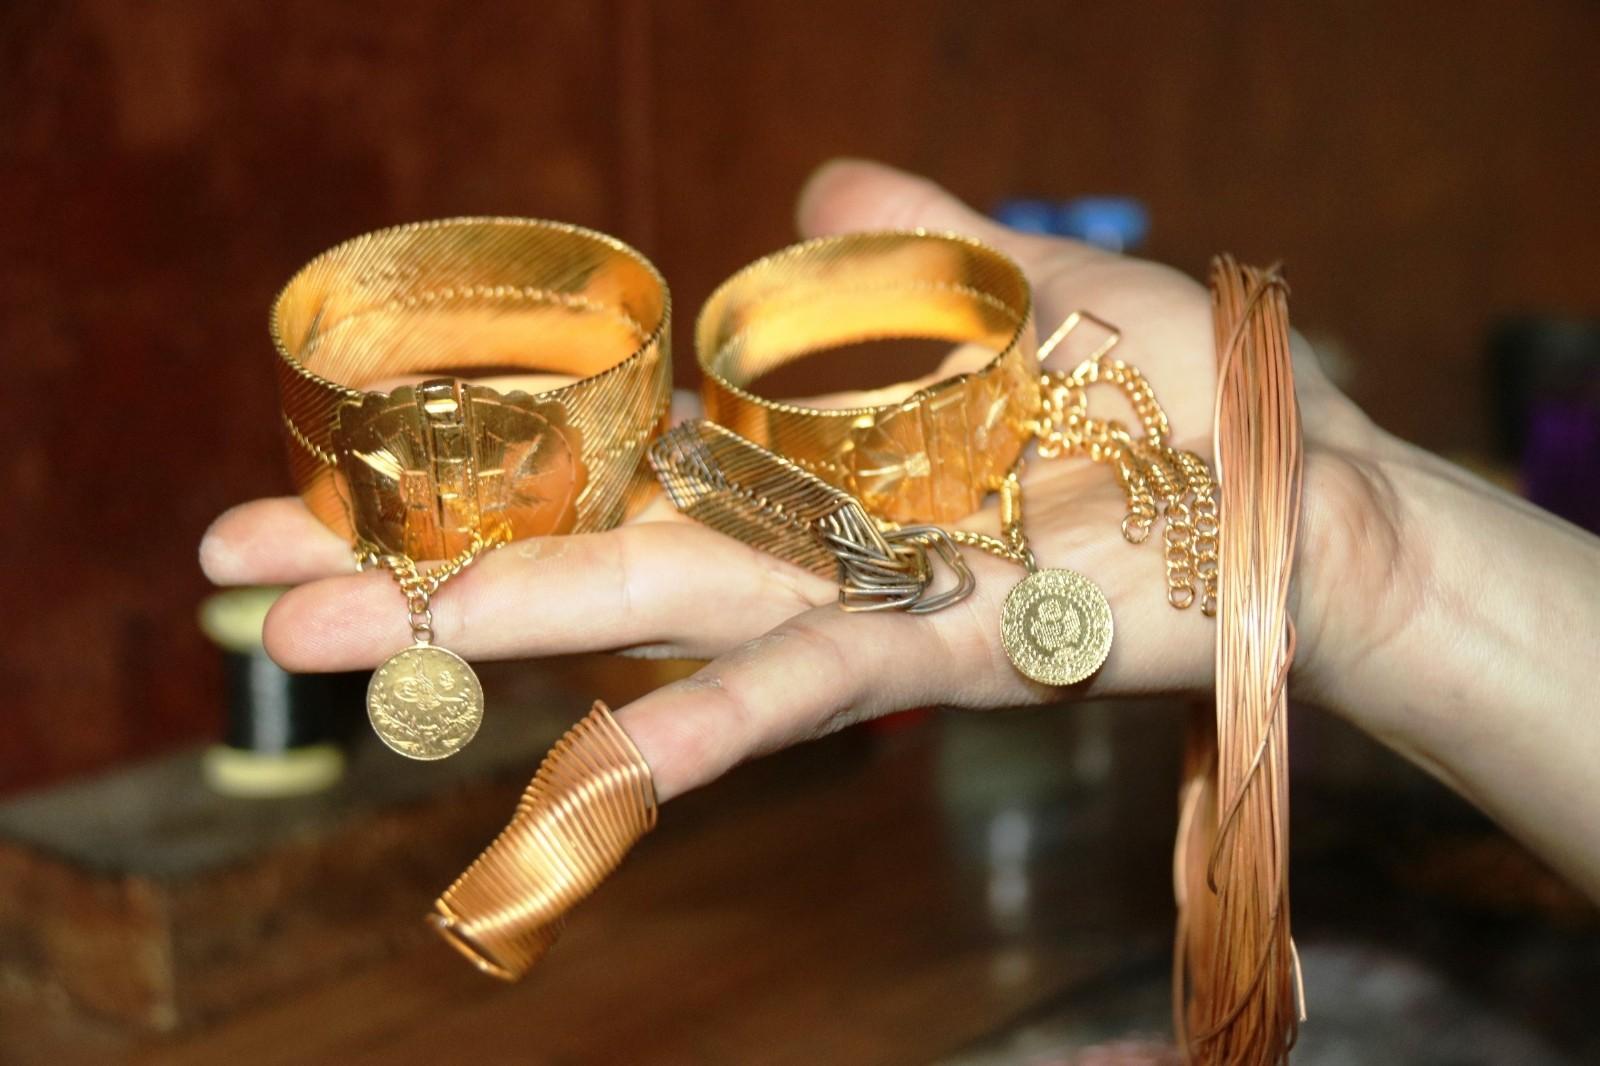 Avrupa'ya kadar açılan ve 40 yıla kadar ömrü olan Diyarbakır 'hasır' bileziği için usta yetişemiyor